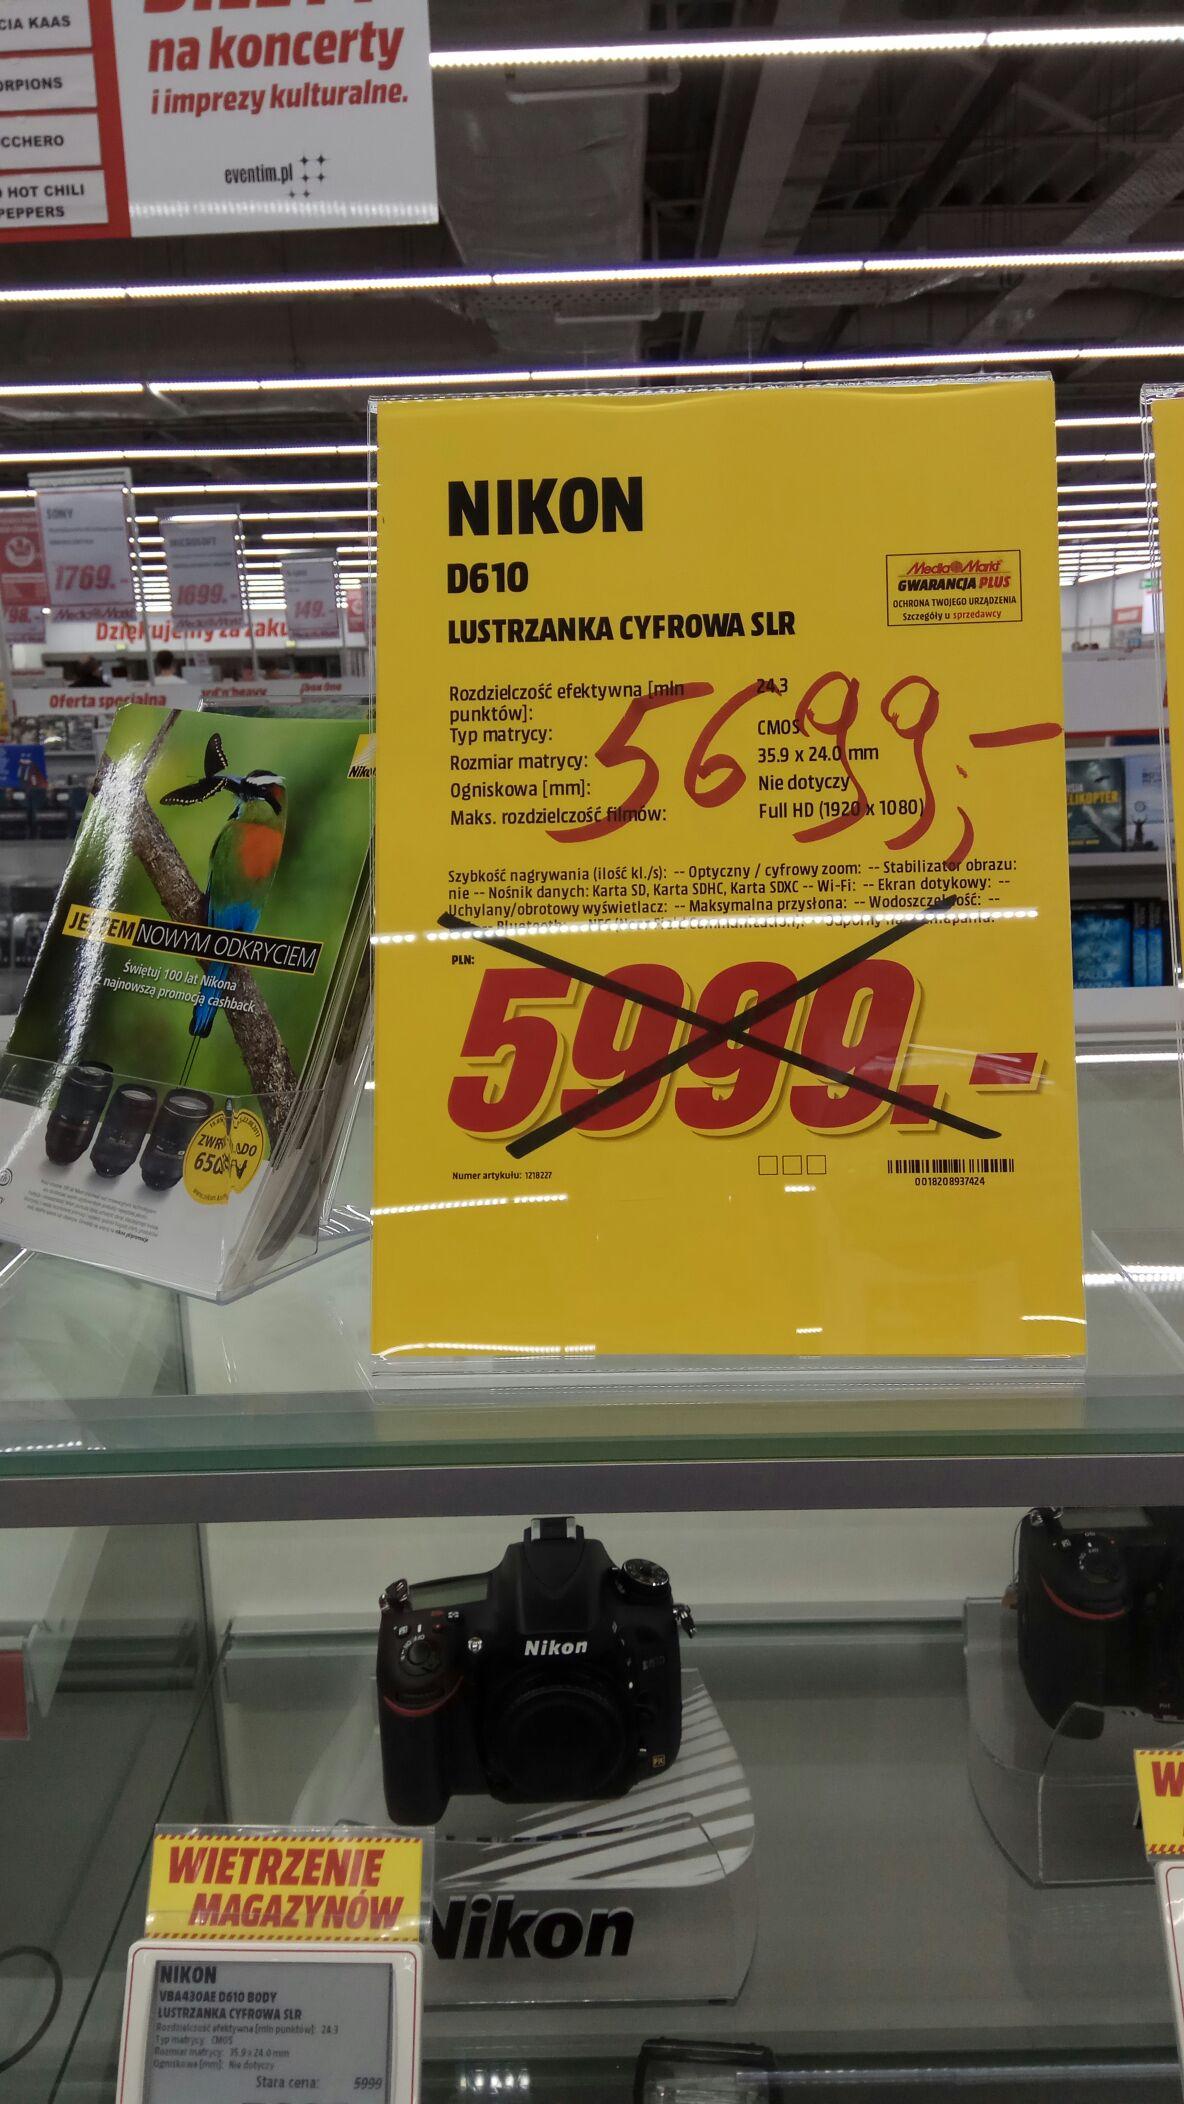 Nikon D610 MediaMarkt Olsztyn